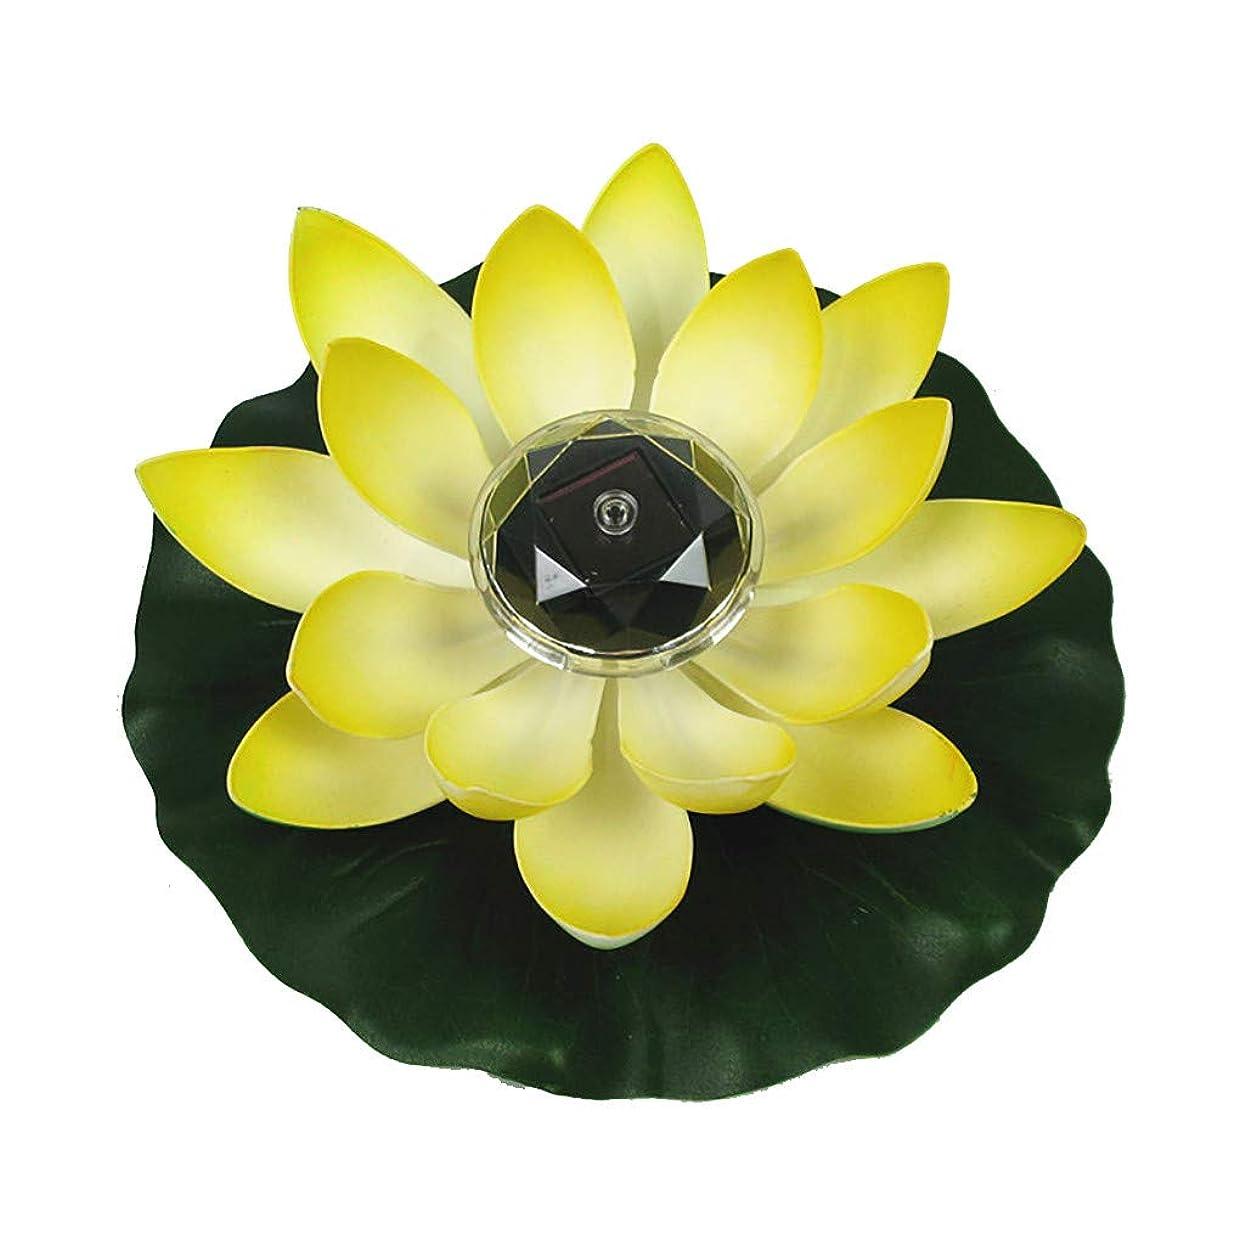 蓮花 ロータスライト フローティング 蓮の花 造花 ソーラー充電 太陽電池式 LEDライト 7色変換 色が自動的に変わる 夜間自動点灯 お祈 水に浮かべる 庭園 プール 装飾ライト (イエロー)